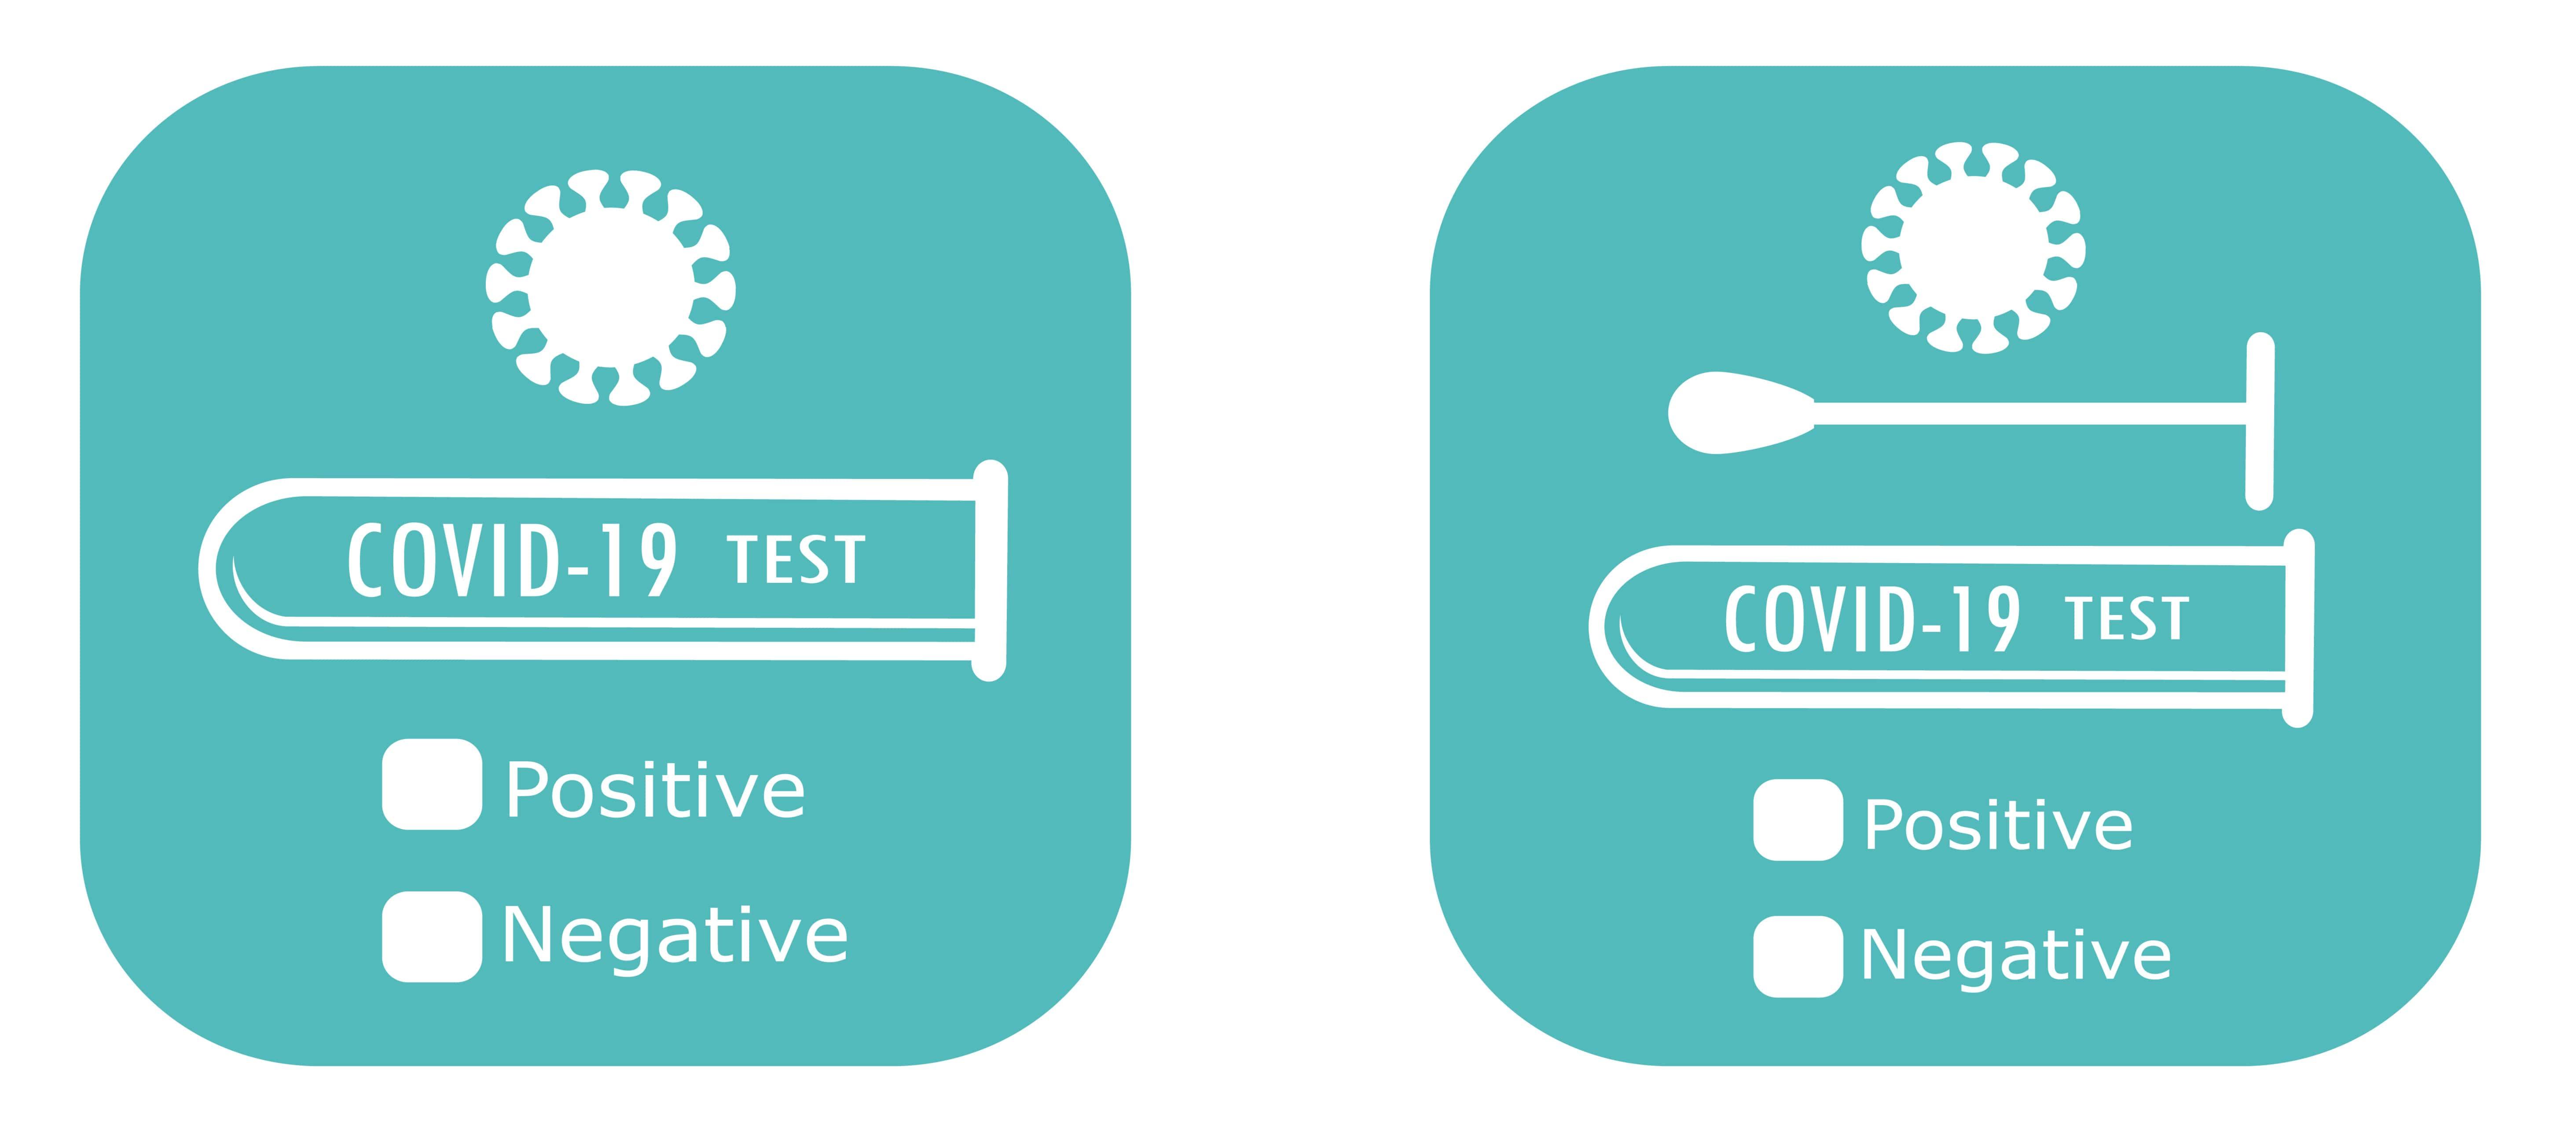 Tajmeel clinic PCR and antibody kits